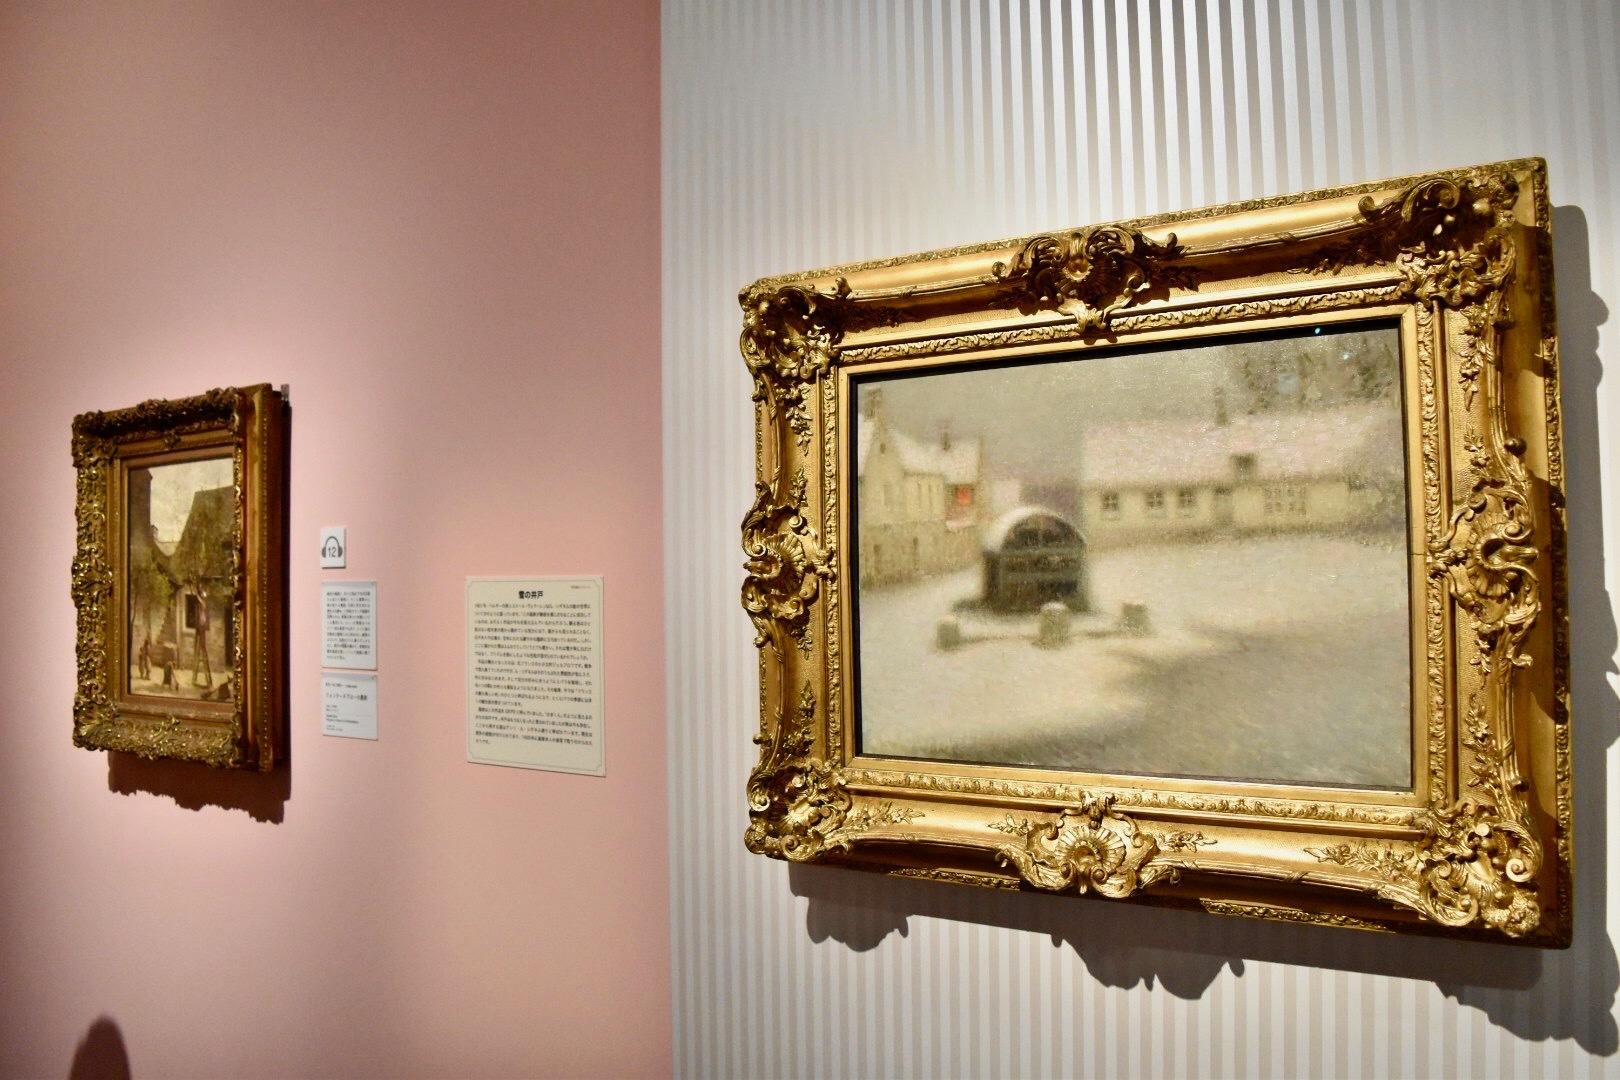 右:アンリ・ル・シダネル 《雪》 1901年 油彩、カンヴァス (C)CSG CIC Glasgow Museums Collection